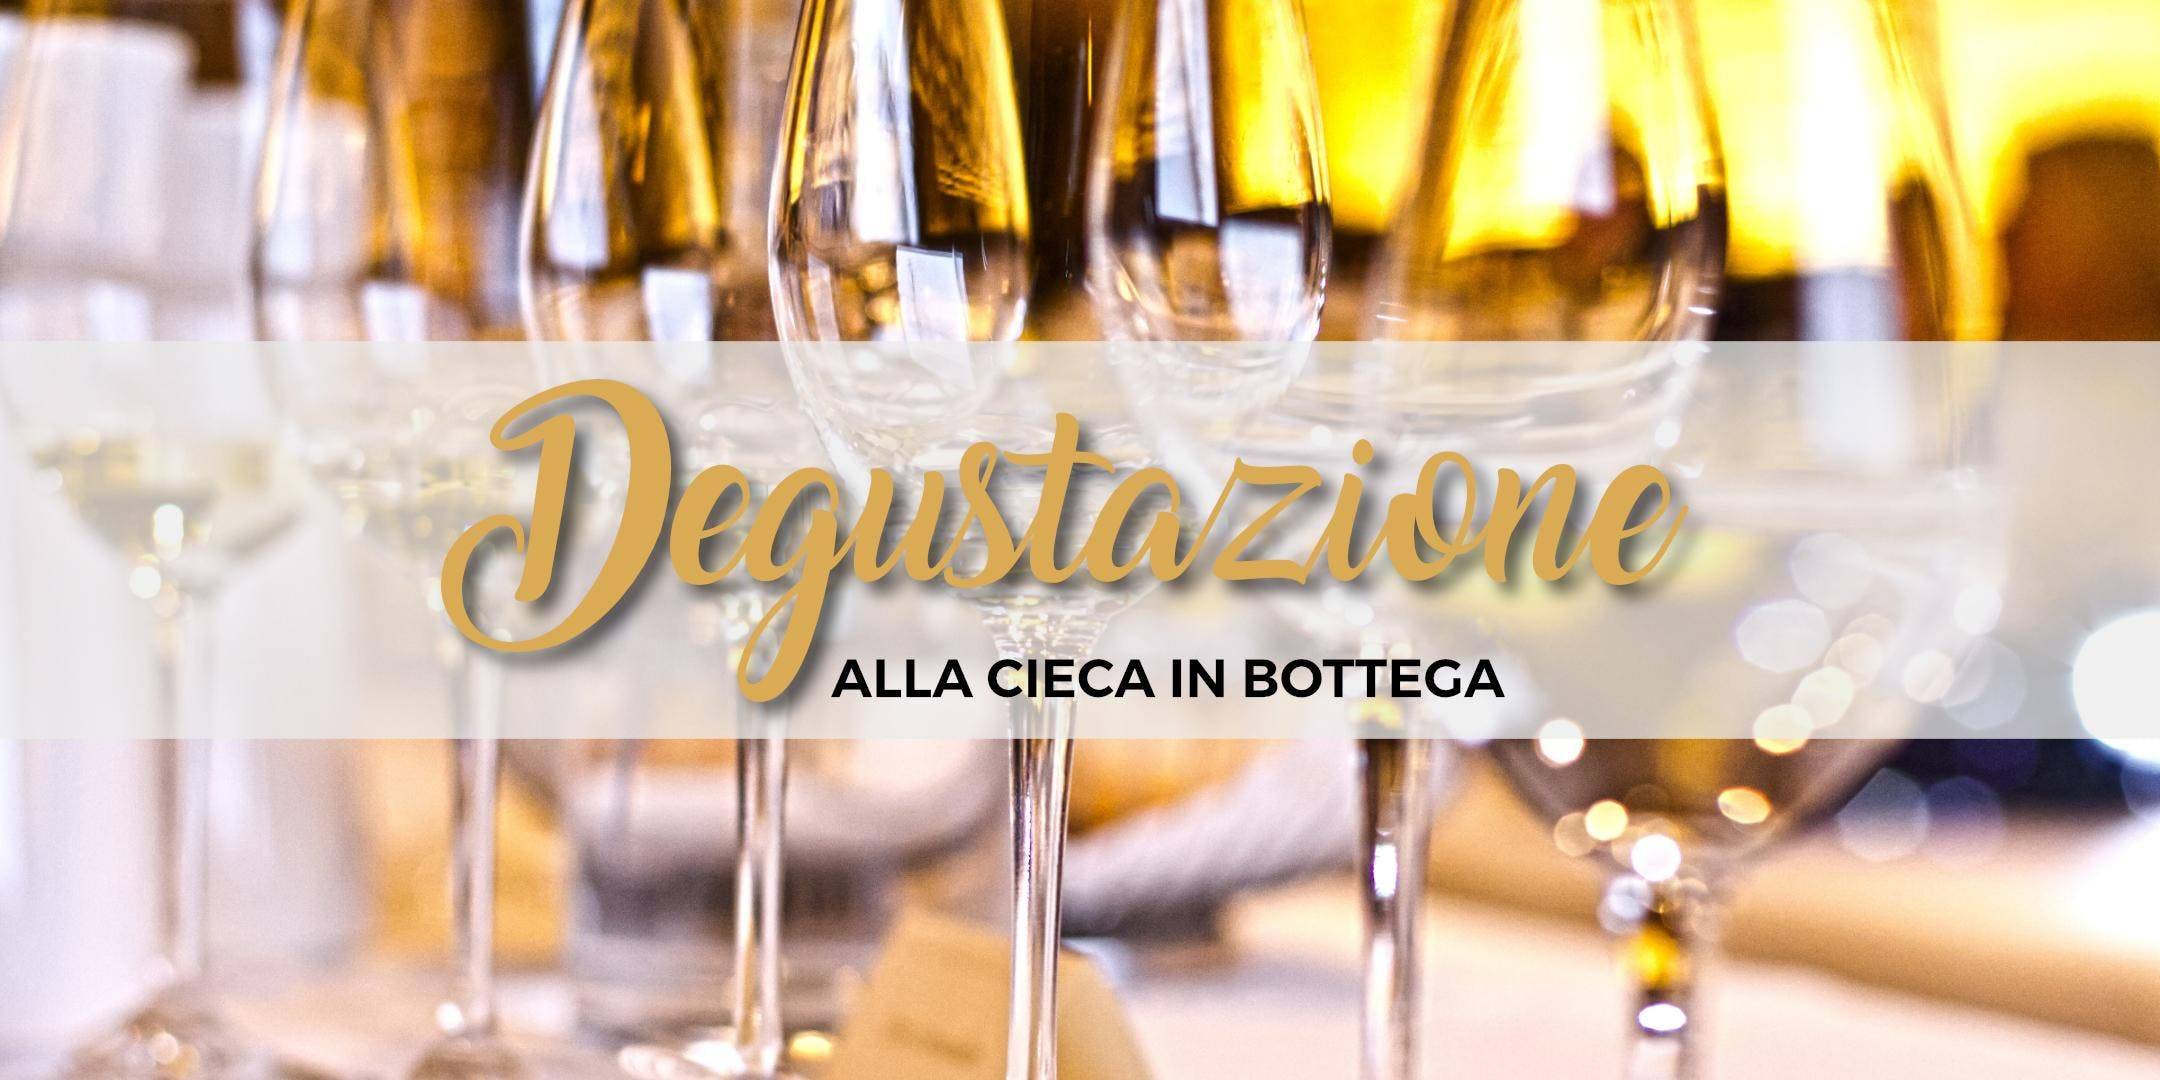 DEGUSTAZIONE ALLA CIECA IN BOTTEGA - La Botteghetta's tour